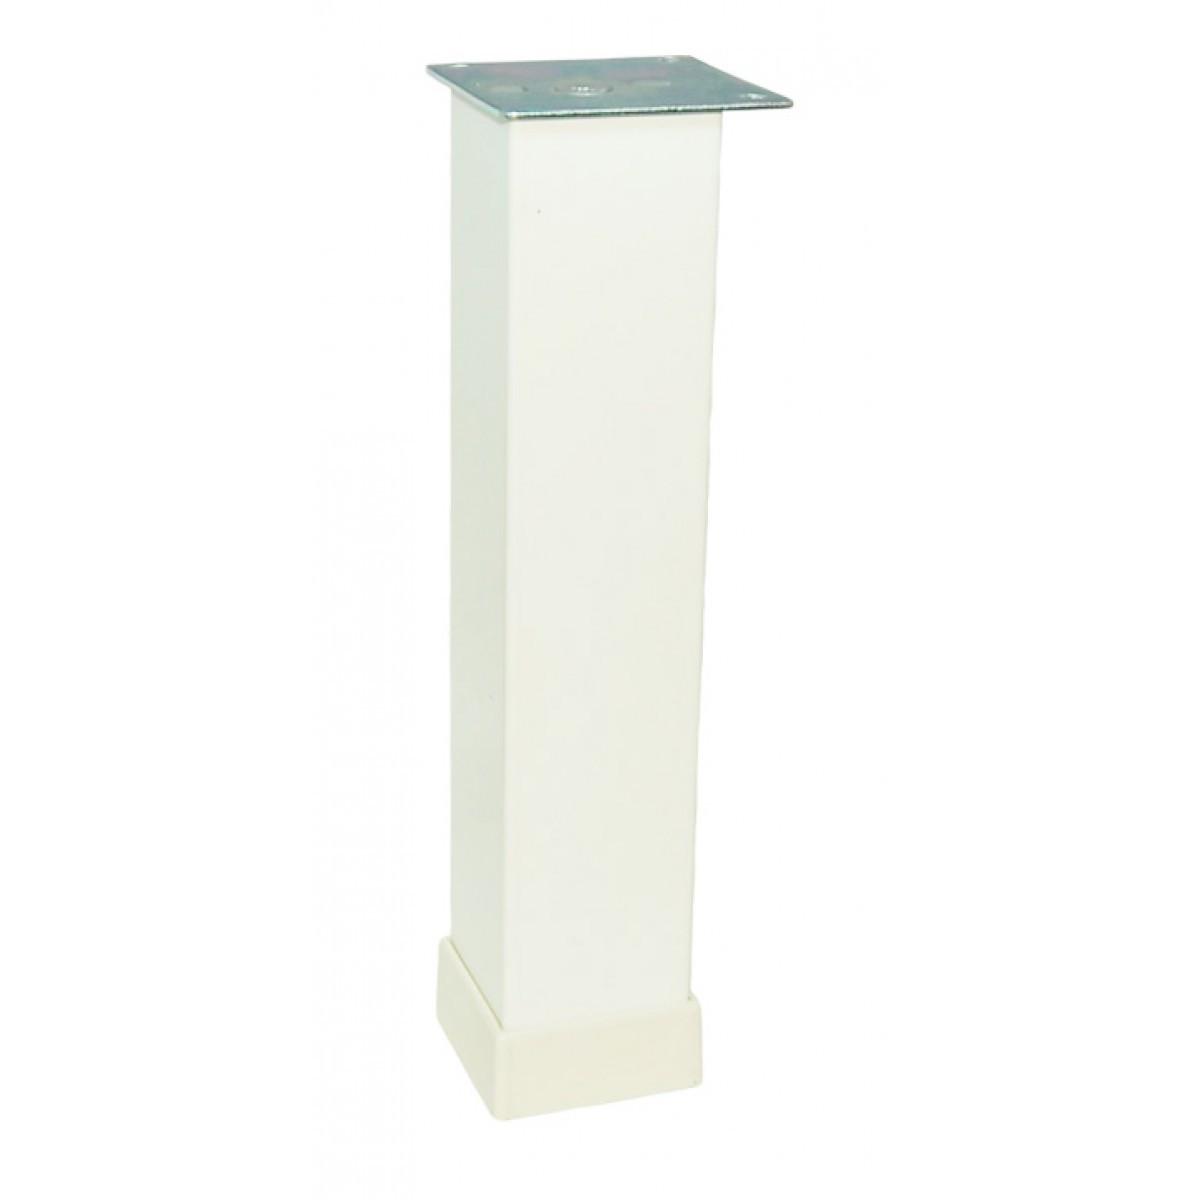 Ножка мебельная регулируемая Kare Duz 118-013, 40х40 мм, Н=200 мм Белая